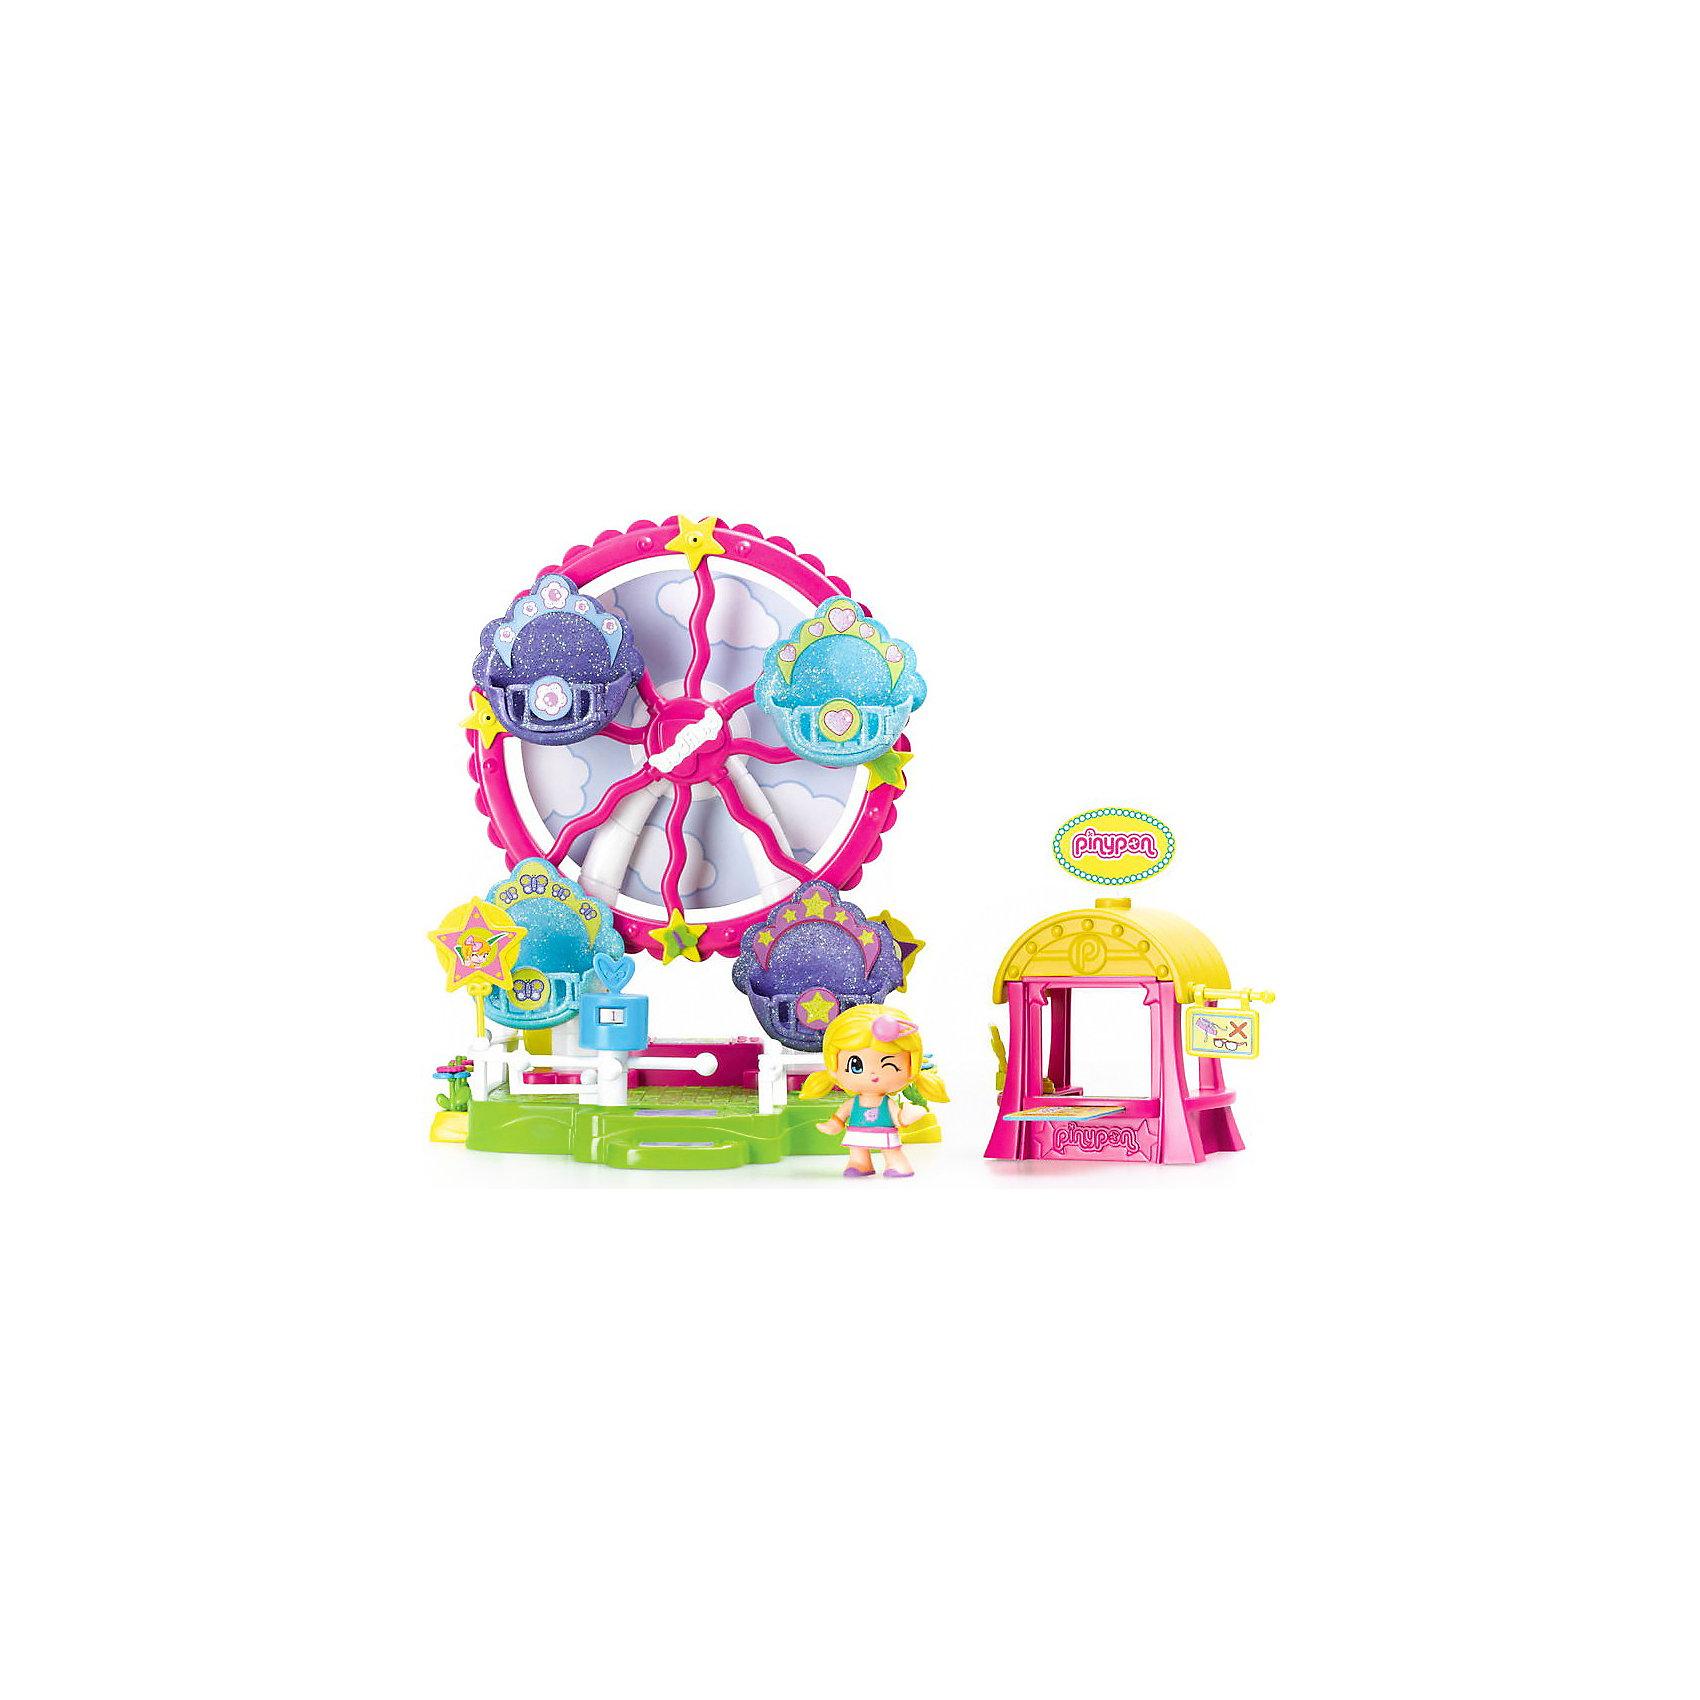 Famosa Игровой набор Пинипон - колесо обозрения, Famosa декорация светящаяся с музыкой колесо обозрения 21х21х26см